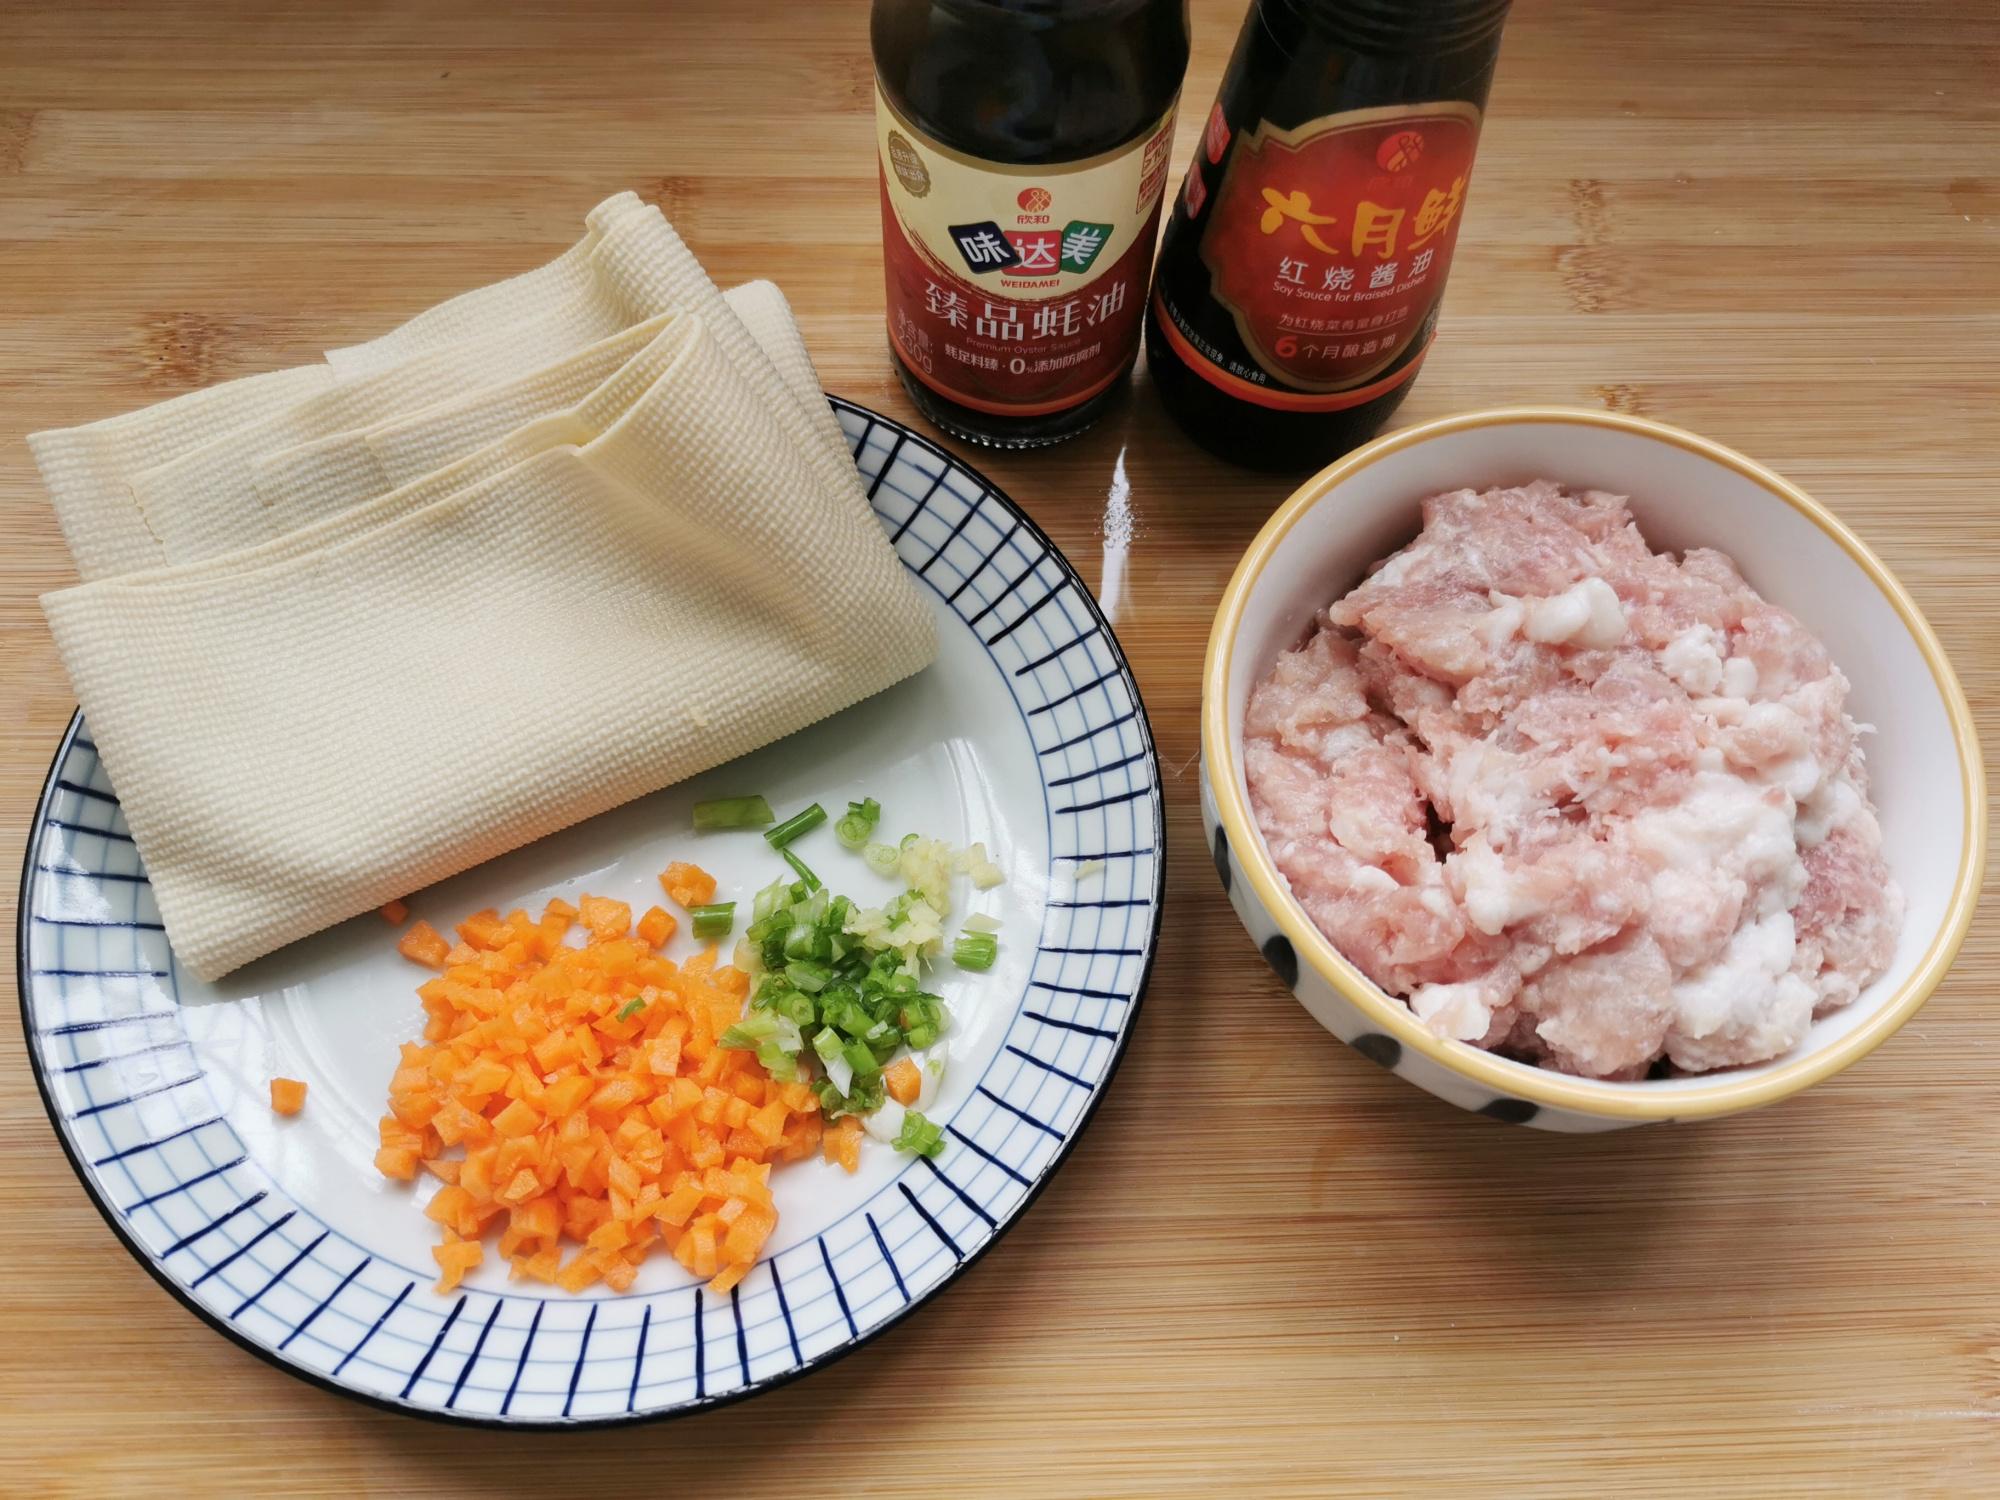 不油炸不煸炒,豆腐皮裹上肉餡蒸一蒸,10分鐘上桌,少油更健康